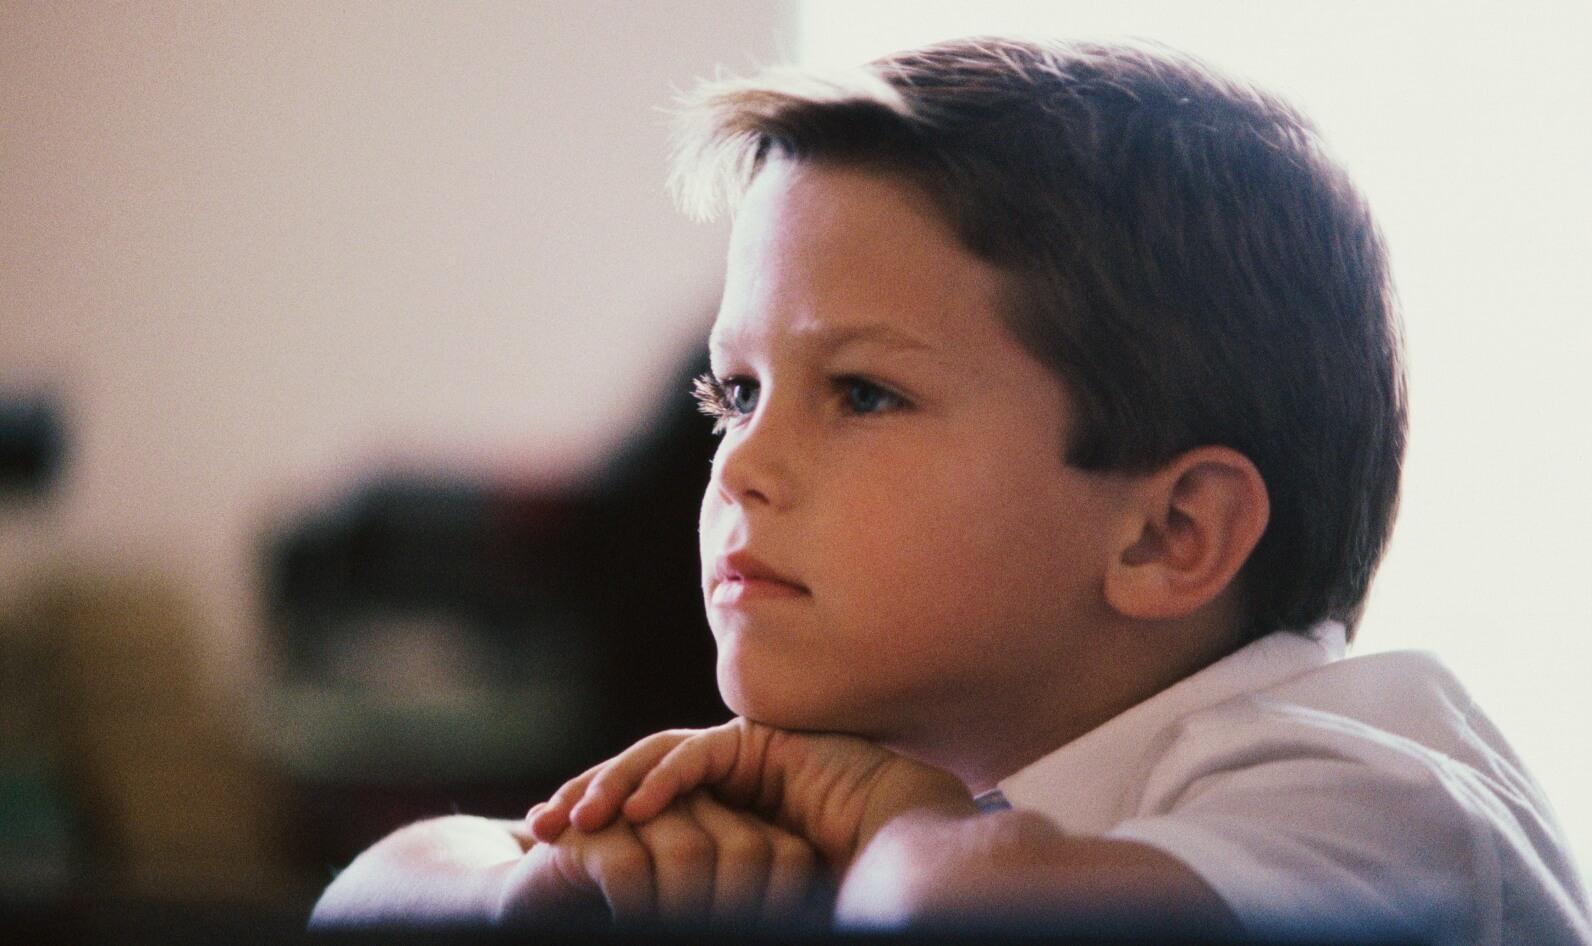 Hình ảnh trẻ em đứa bé trai từ nhỏ đã là mỹ nhân